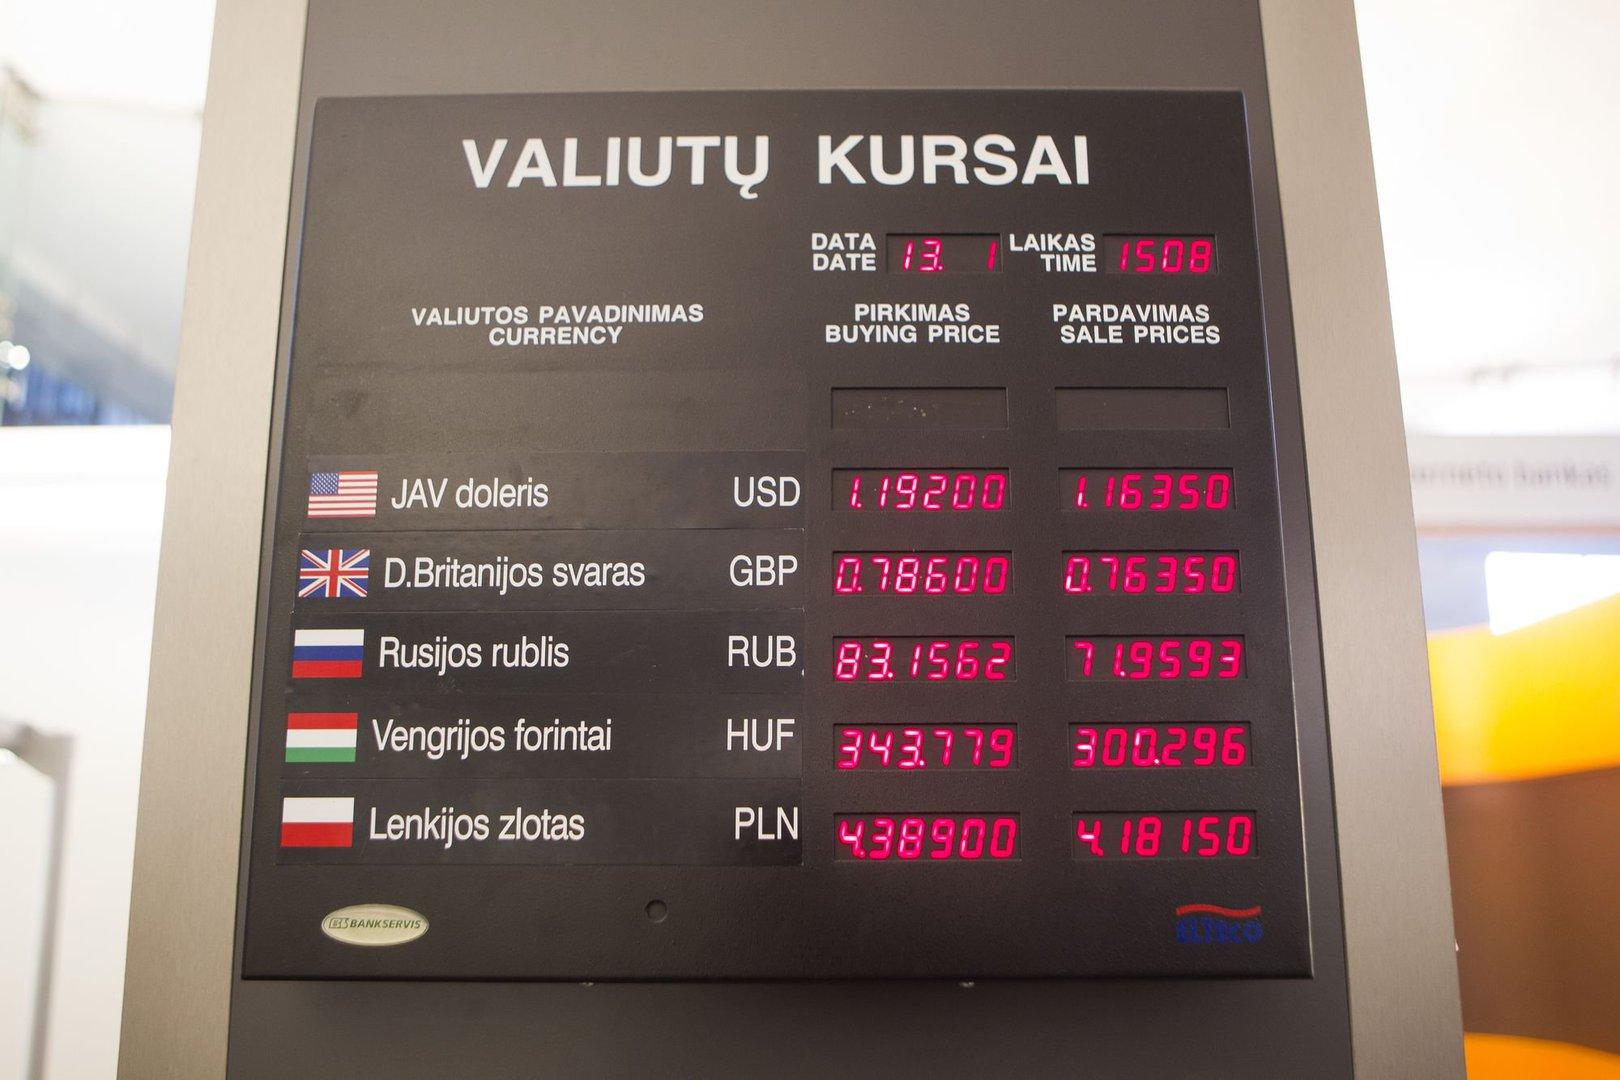 Valiutų kursai bankuose dnb